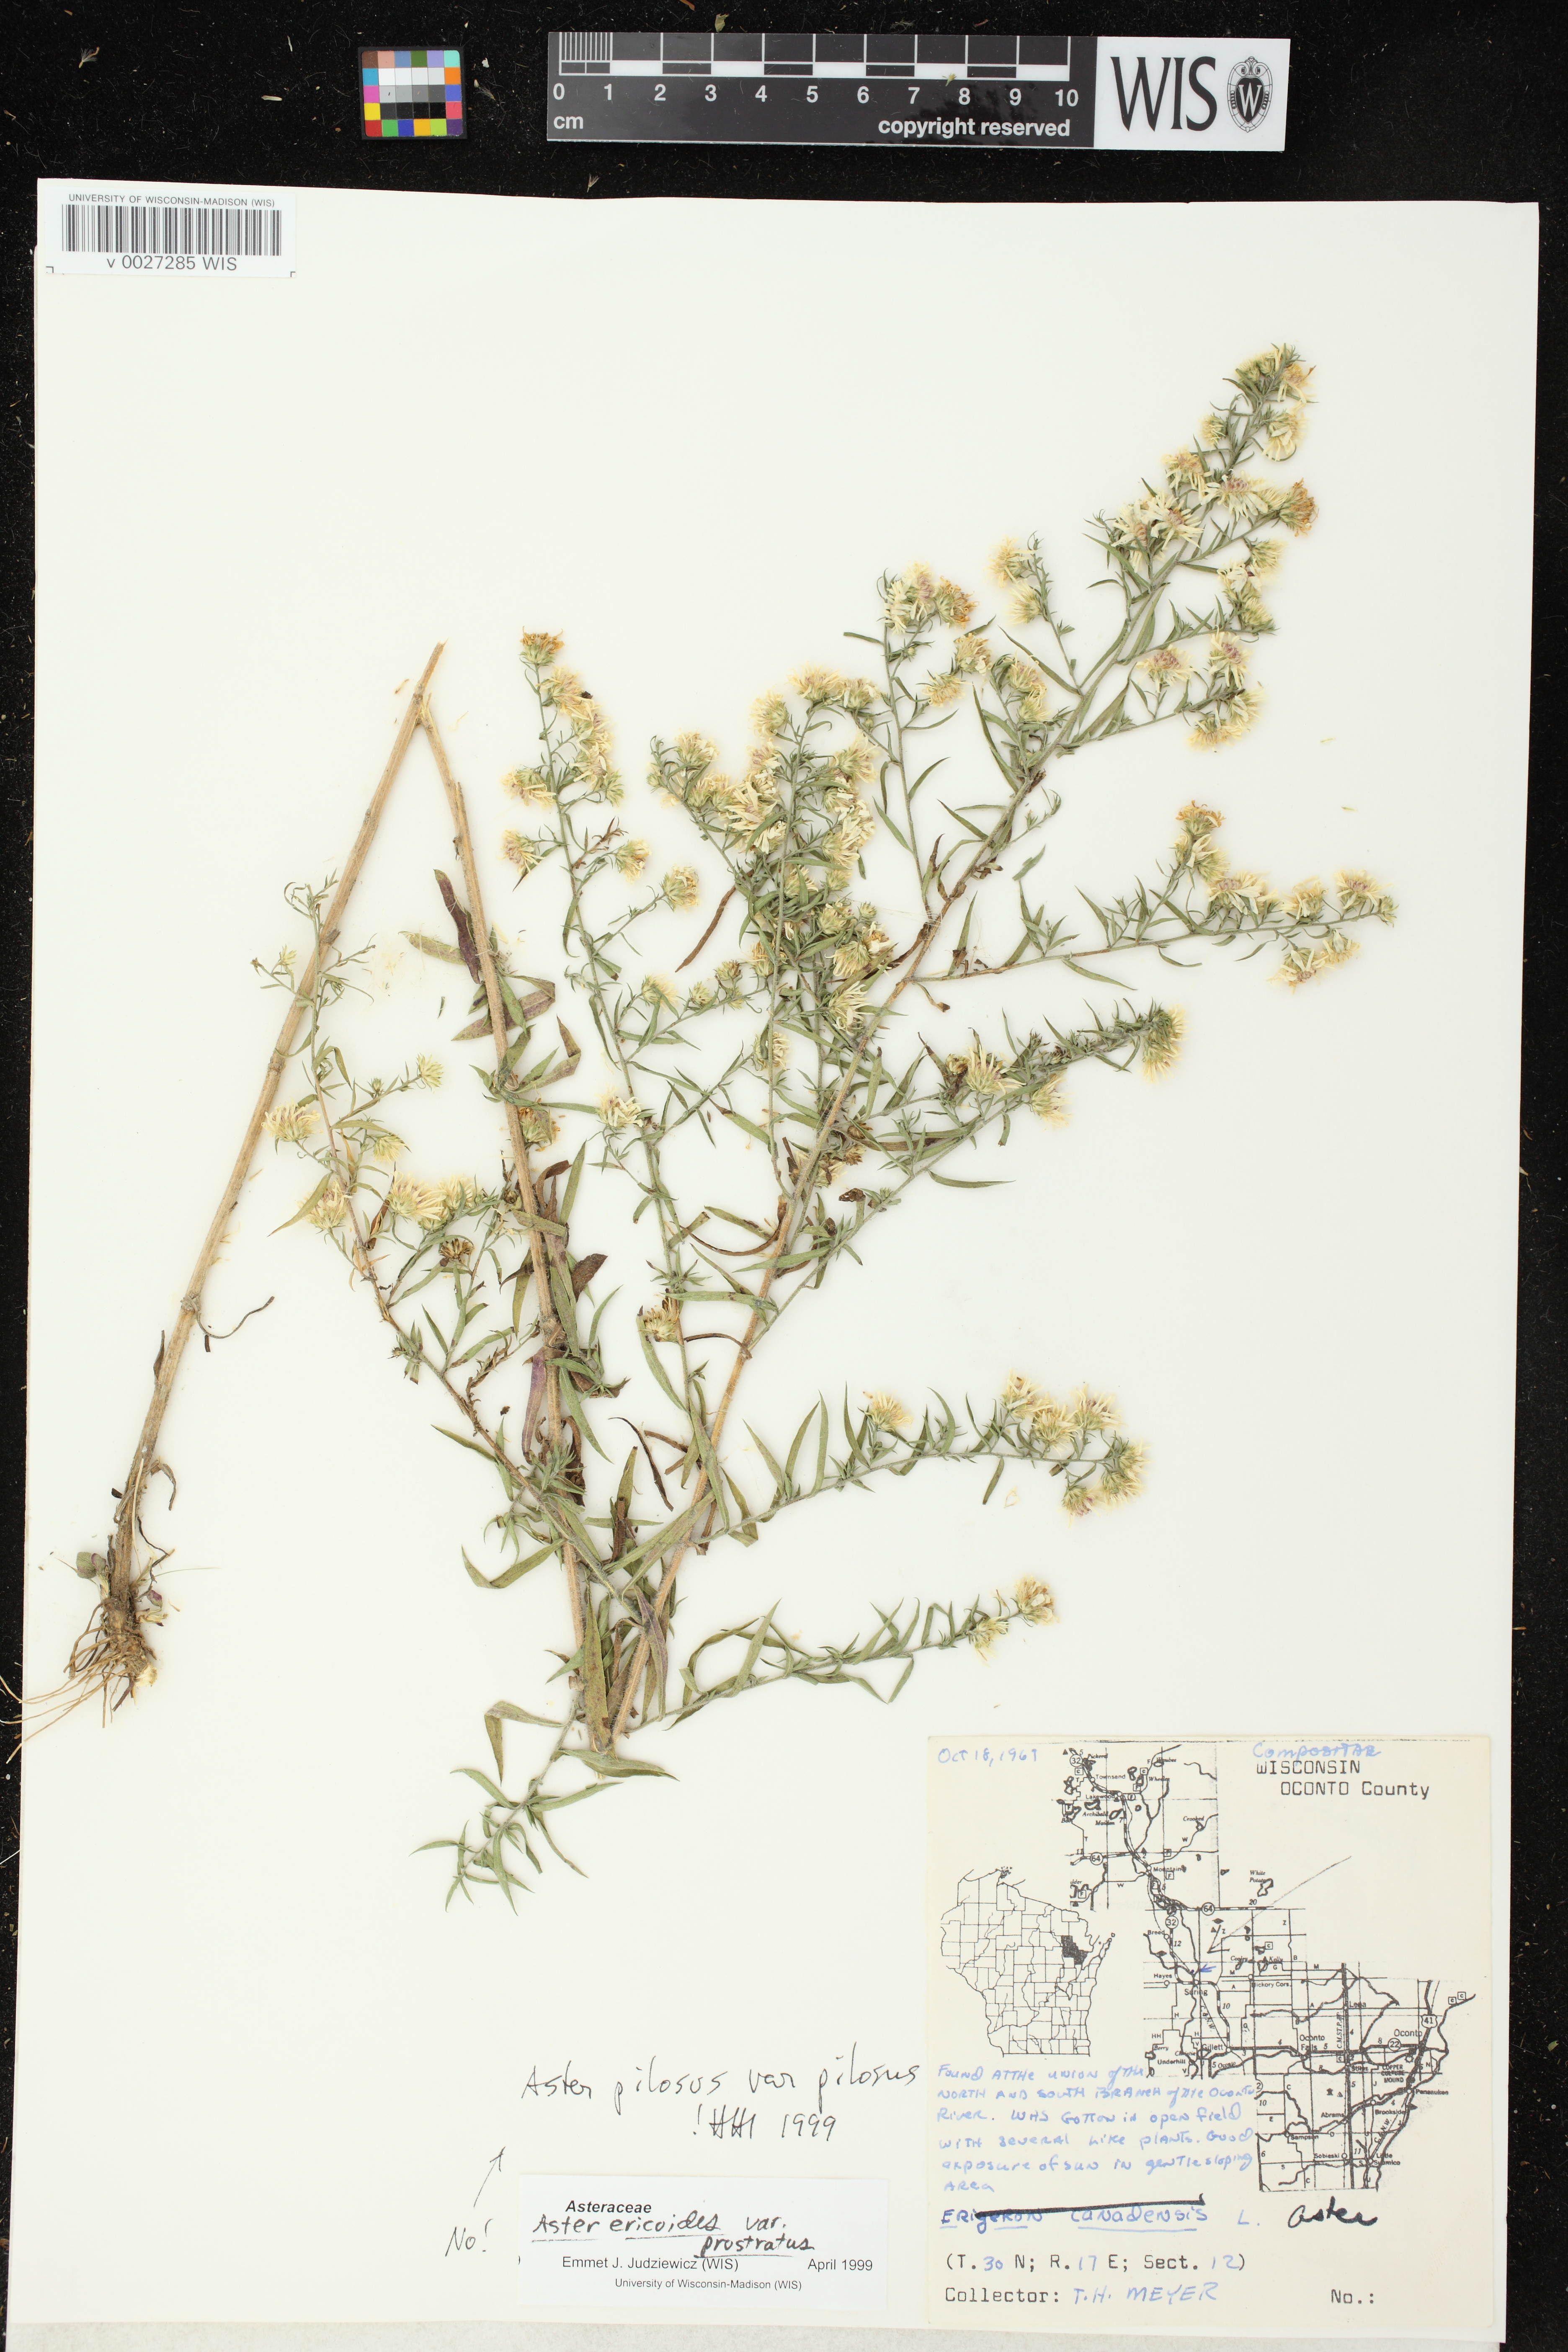 Image of Symphyotrichum pilosum var. pilosum